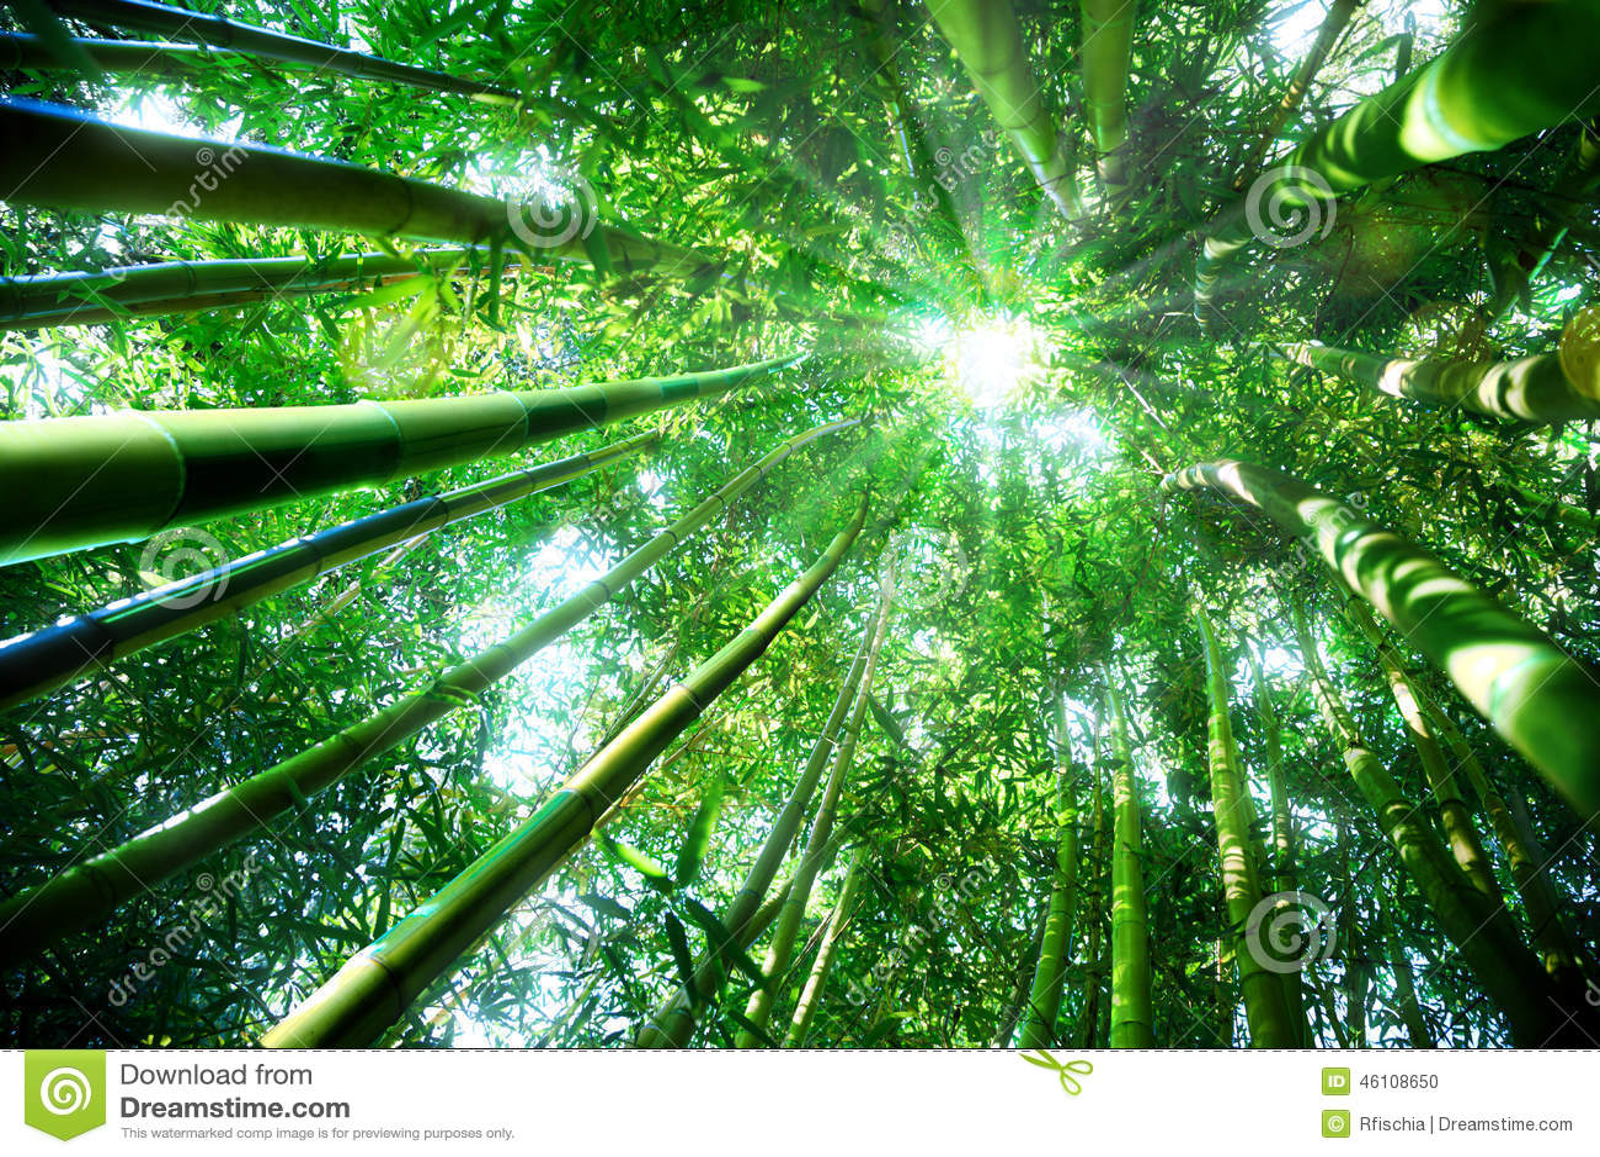 Zen concept in nature stock photo image 46108650 - Image zen nature ...